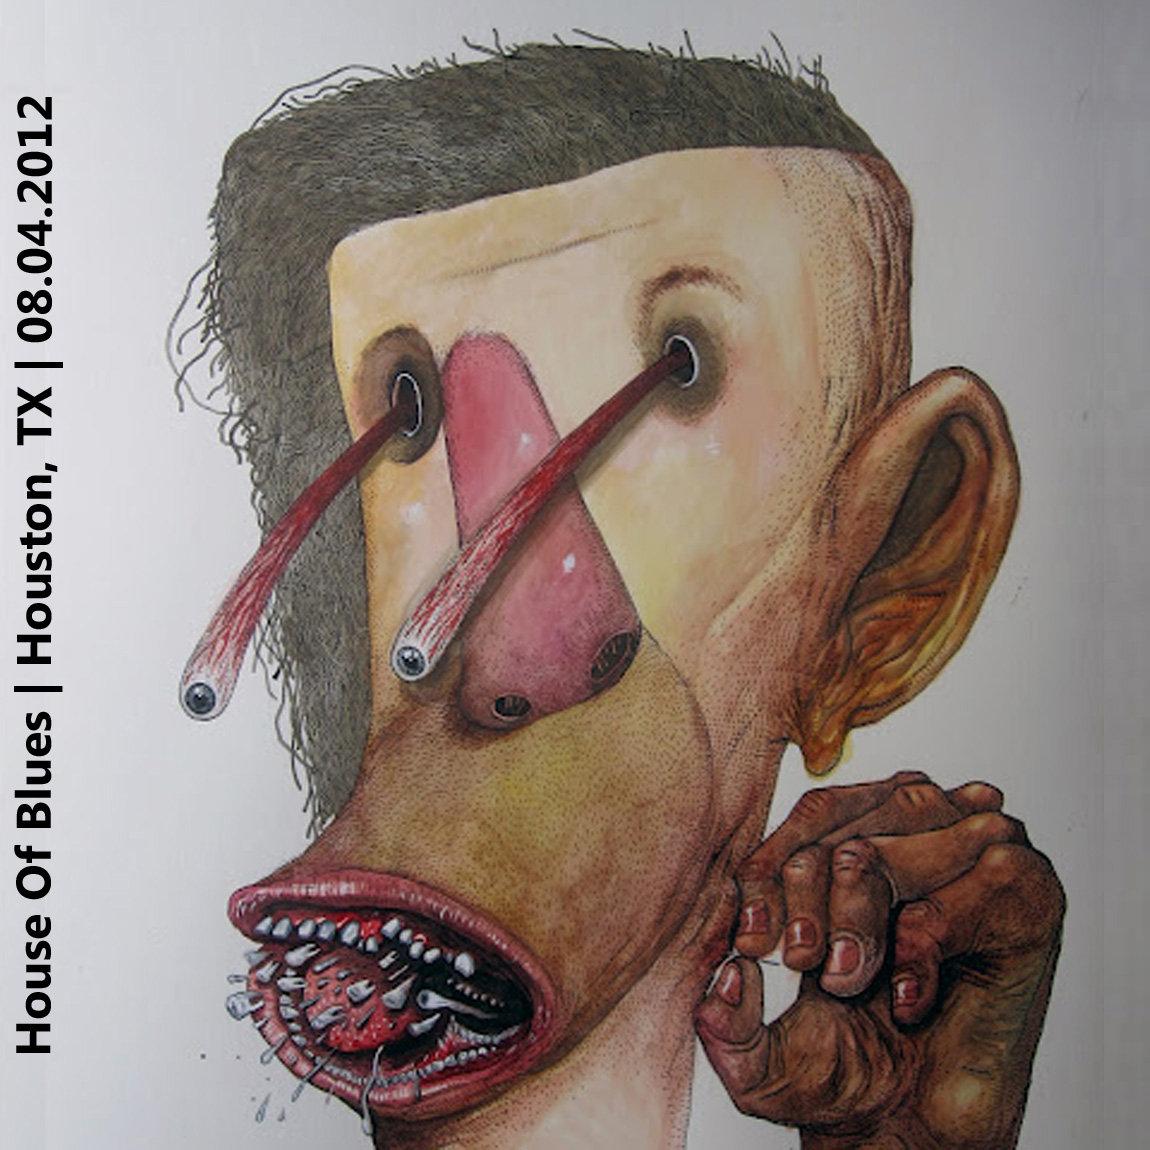 house of blues | houston, tx | 08.04.2012 | bob schneider